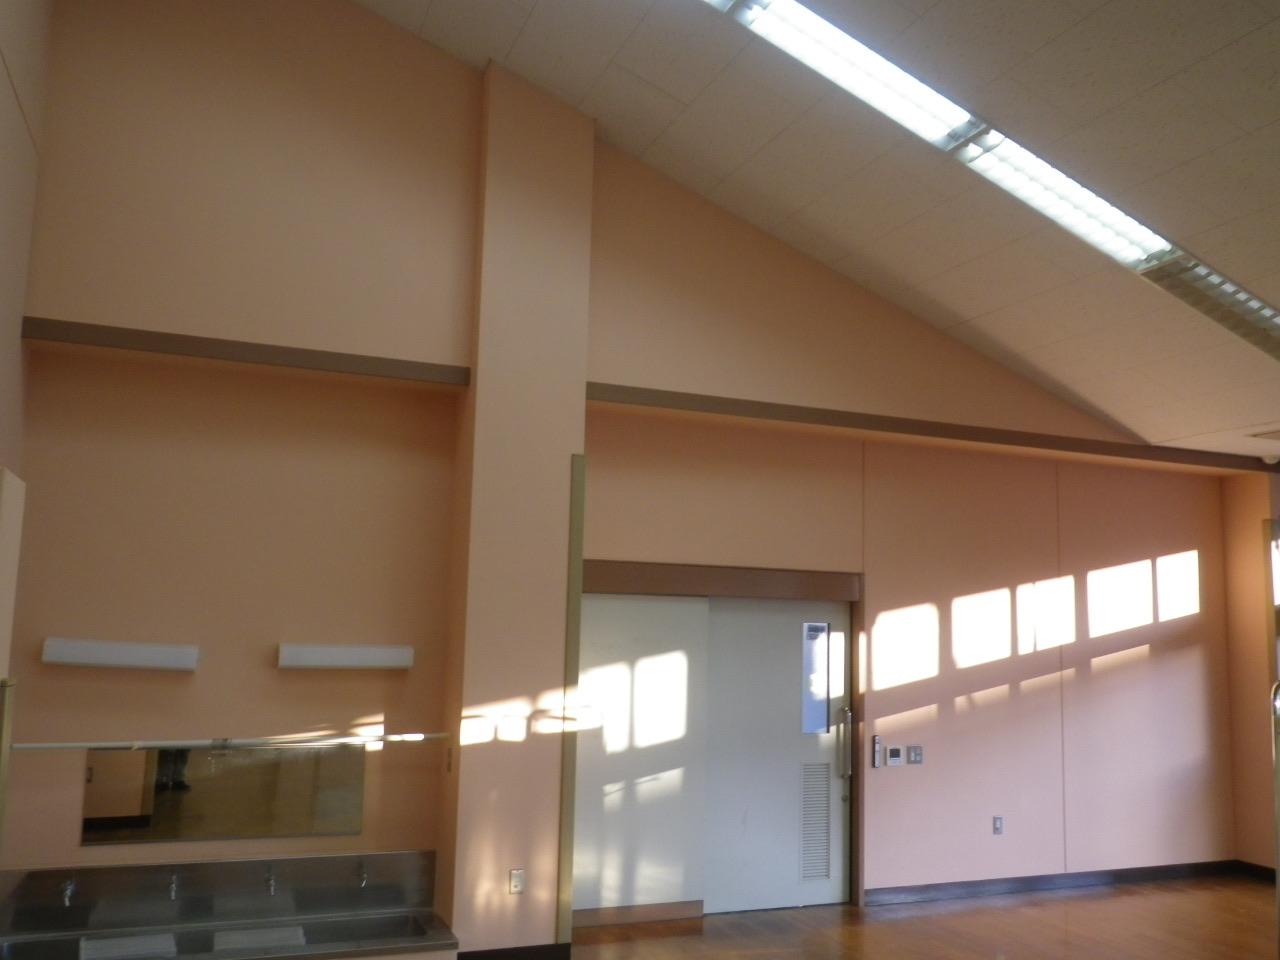 【vol.28公共工事】施設室内壁・巾木塗装工事